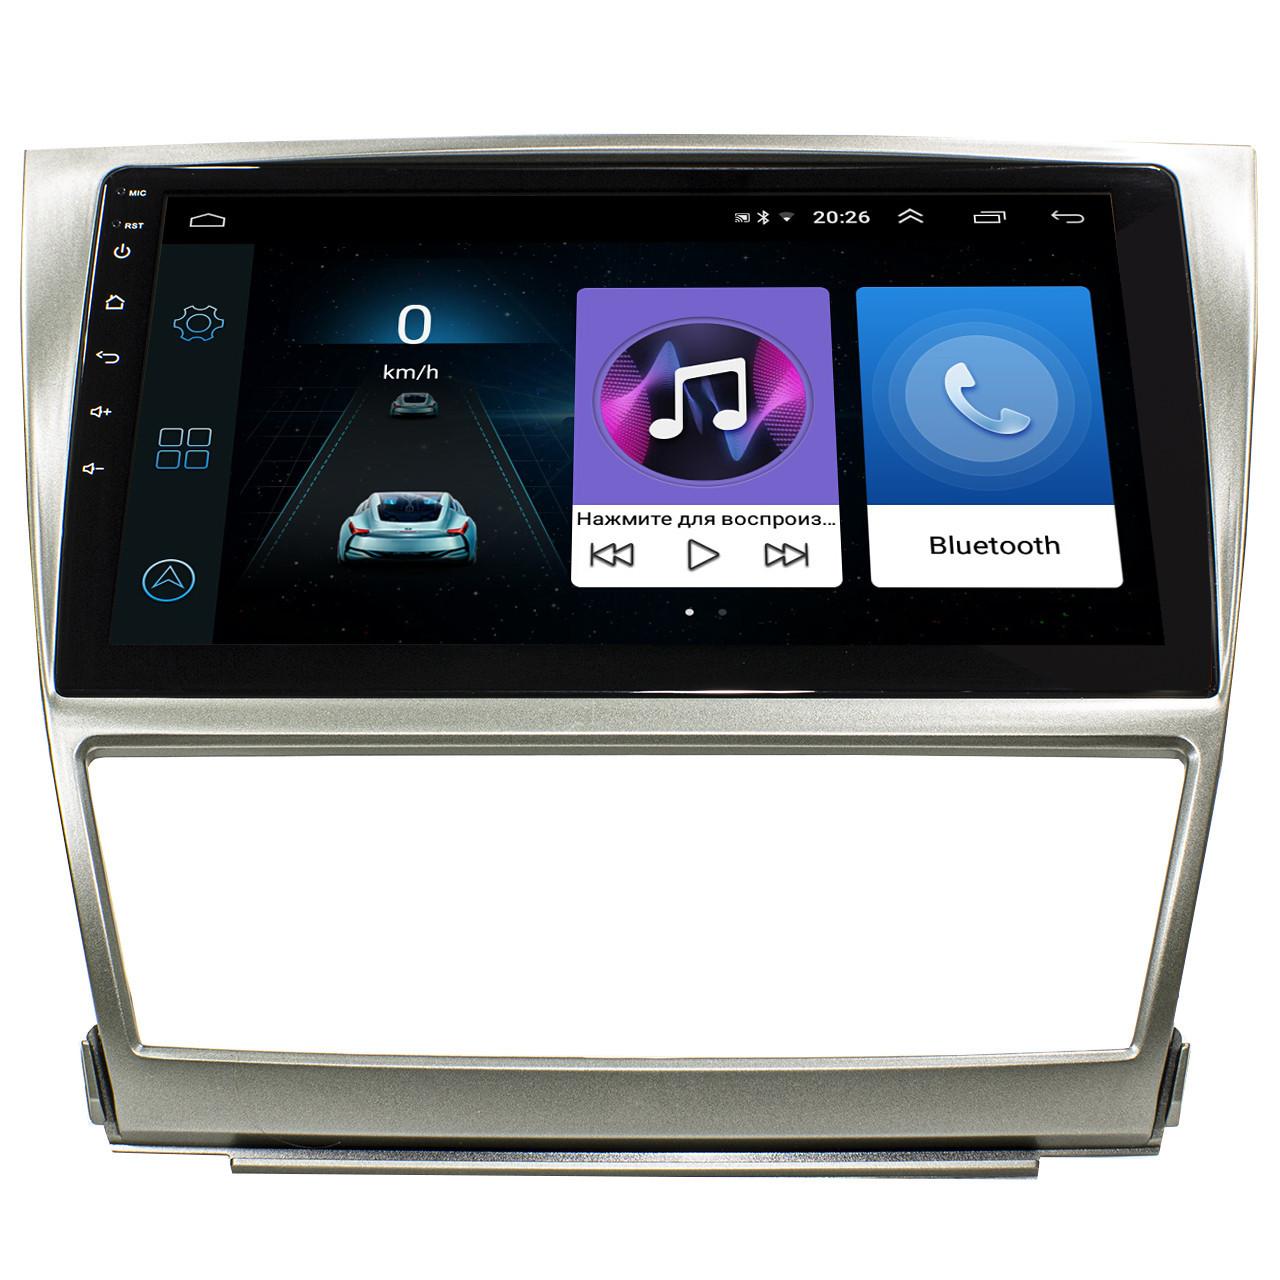 Штатна автомобільна магнітола 10 дюймів Toyota Camry V40 2006-2011 сенсорний екран 4 ядра Bluetooth WiFi